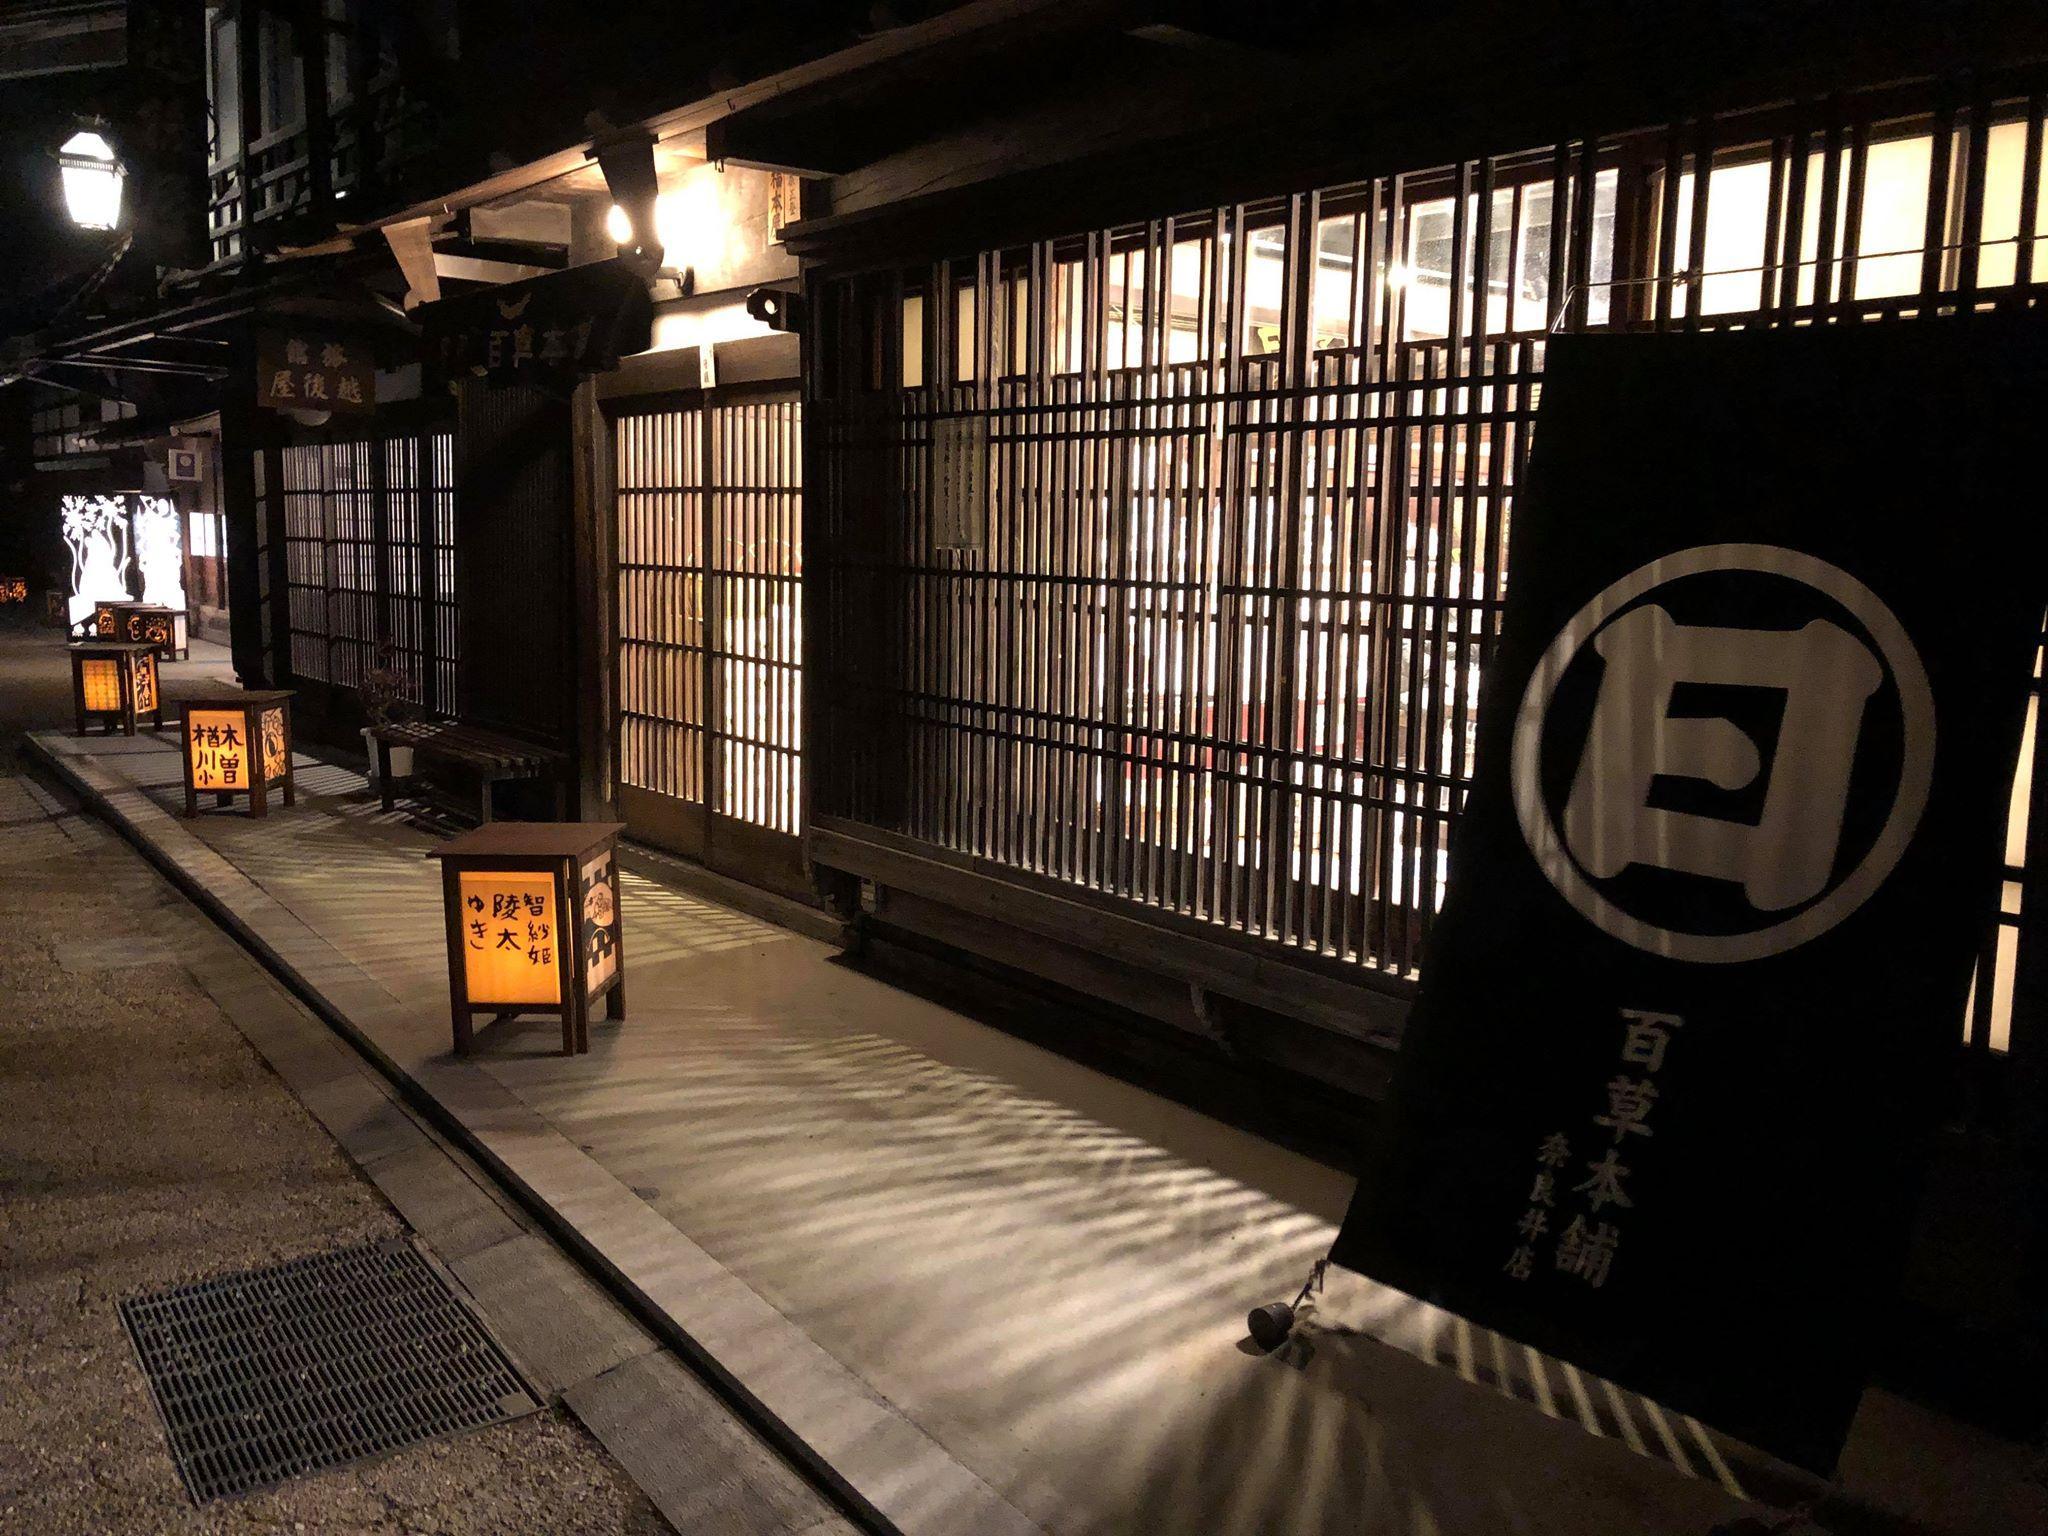 木曽 奈良井灯明まつり